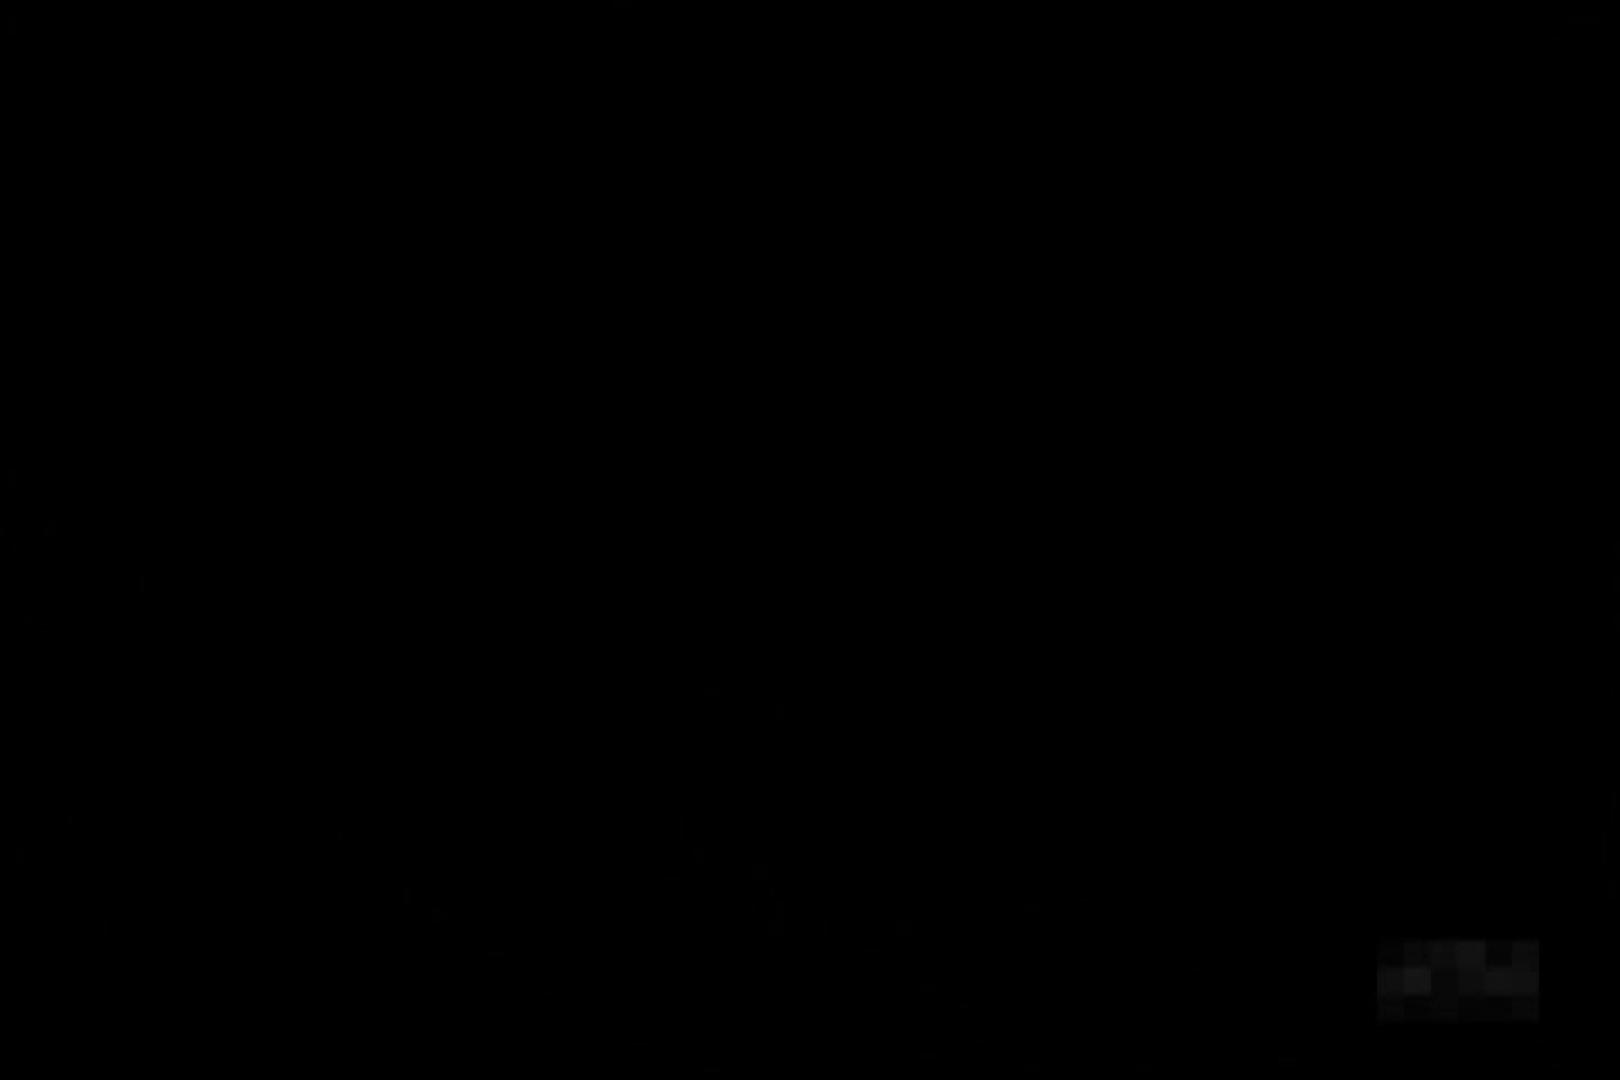 ショップギャルパンチラ!ただ今接客中!!Vol.6 パンチラ オマンコ動画キャプチャ 101PIX 100